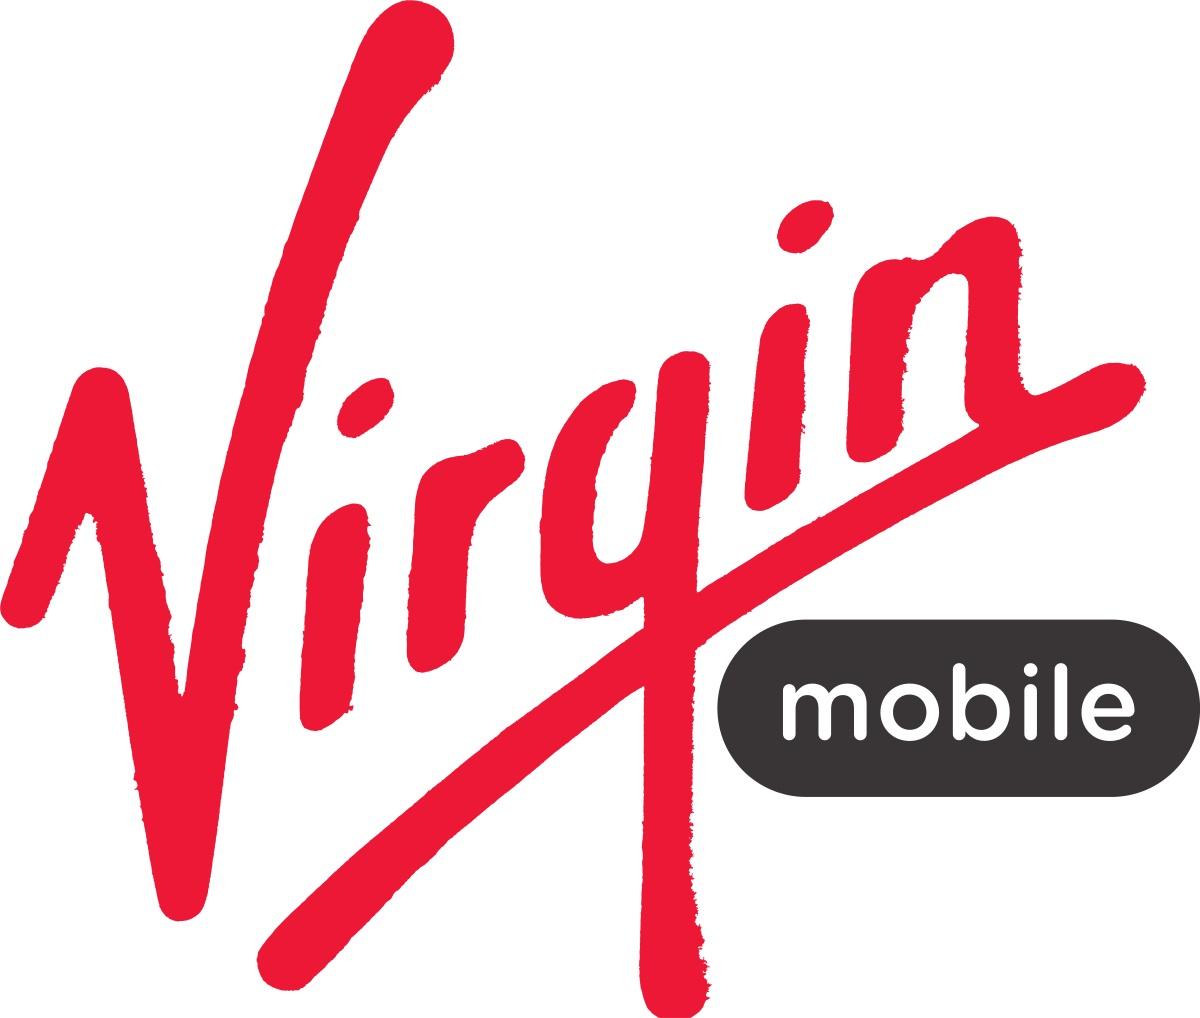 Qué es Virgin Mobile